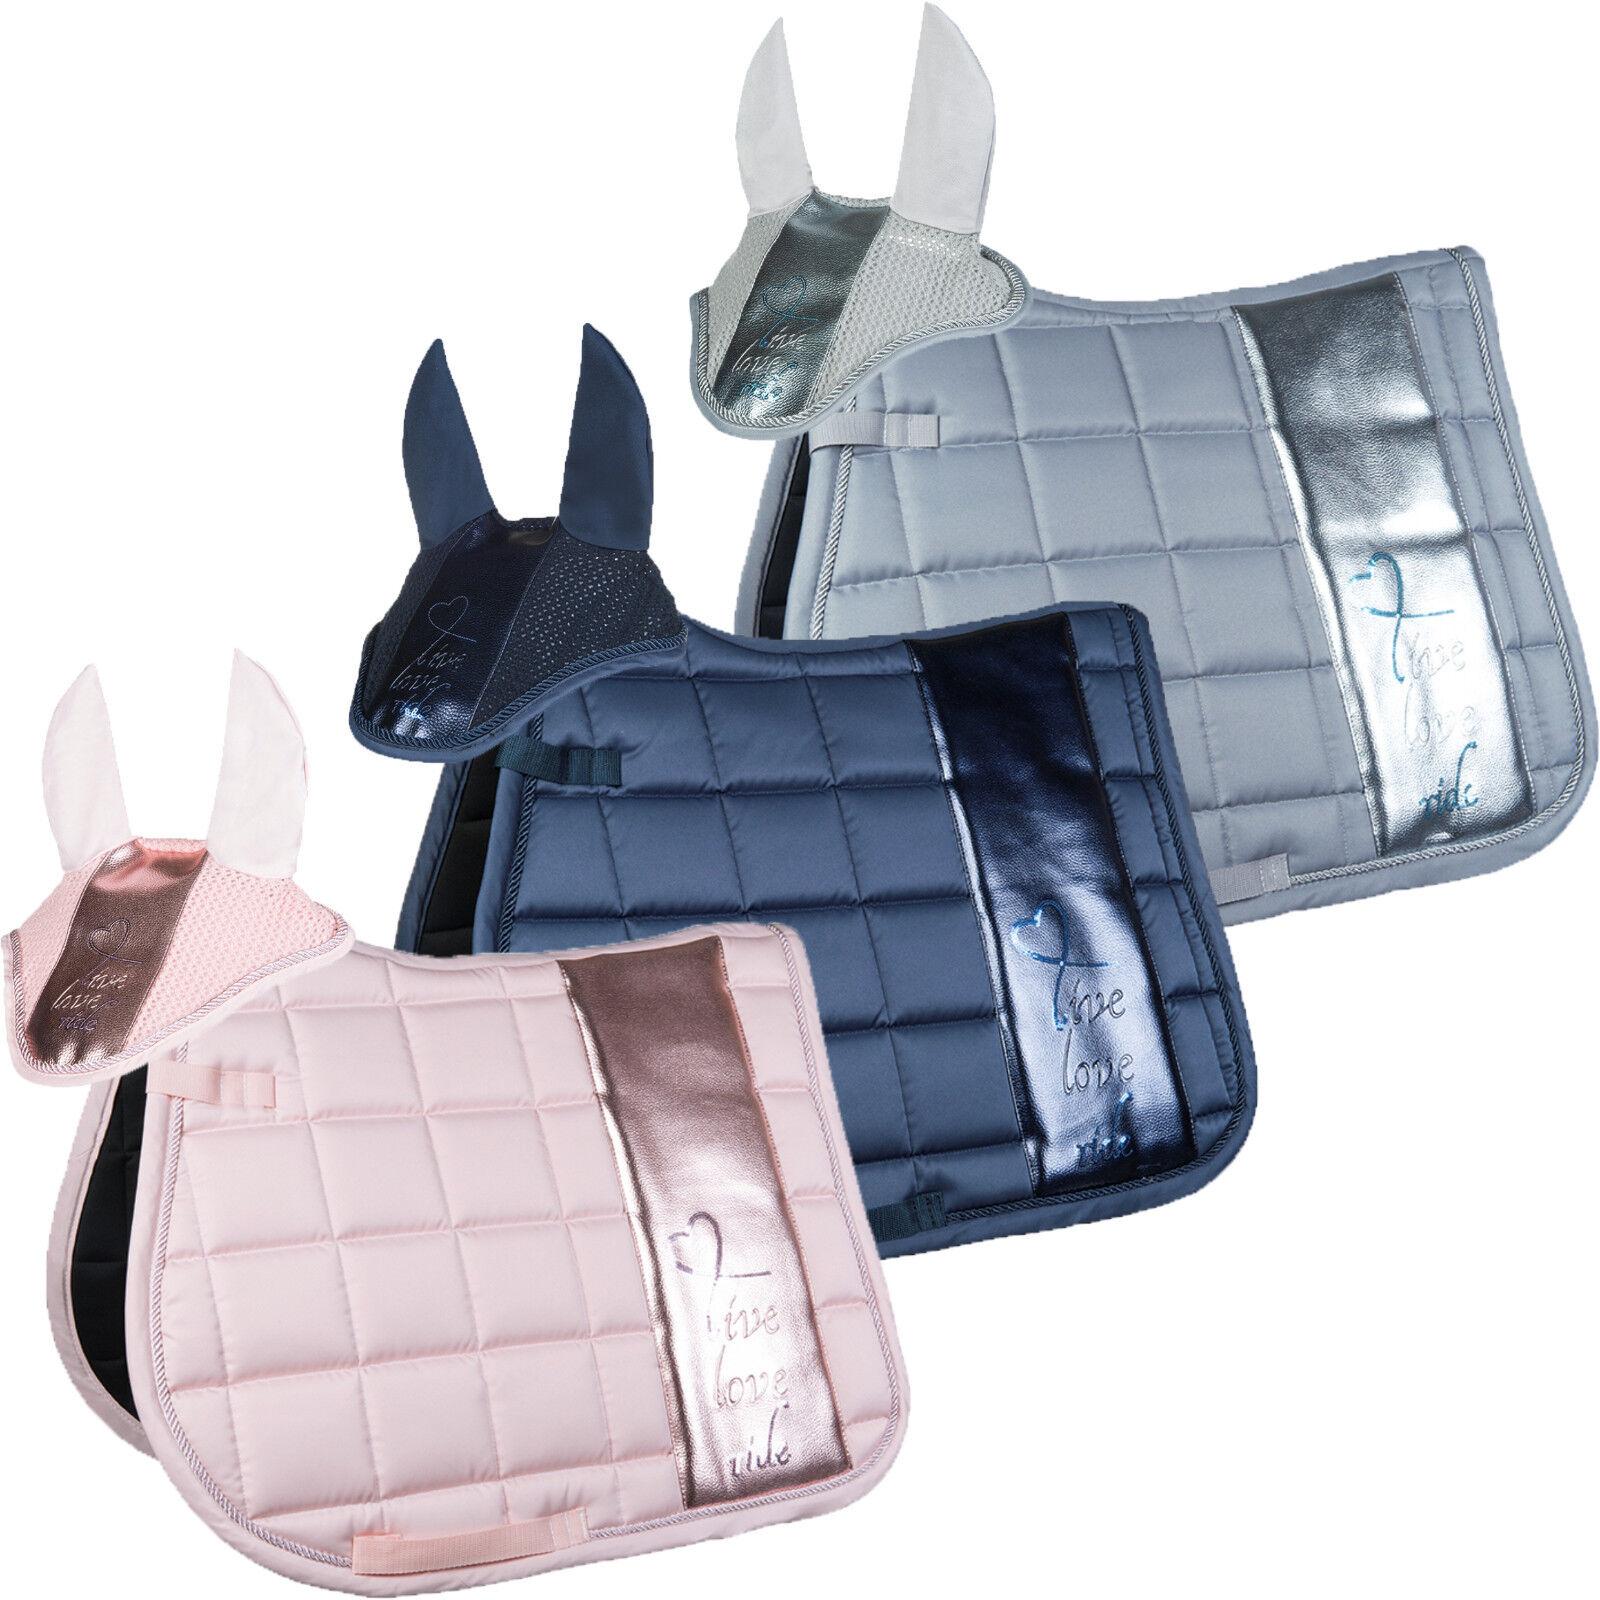 HKM Mettuttiic Style Set Saddlecloth & Fly Hood 10882, 10883